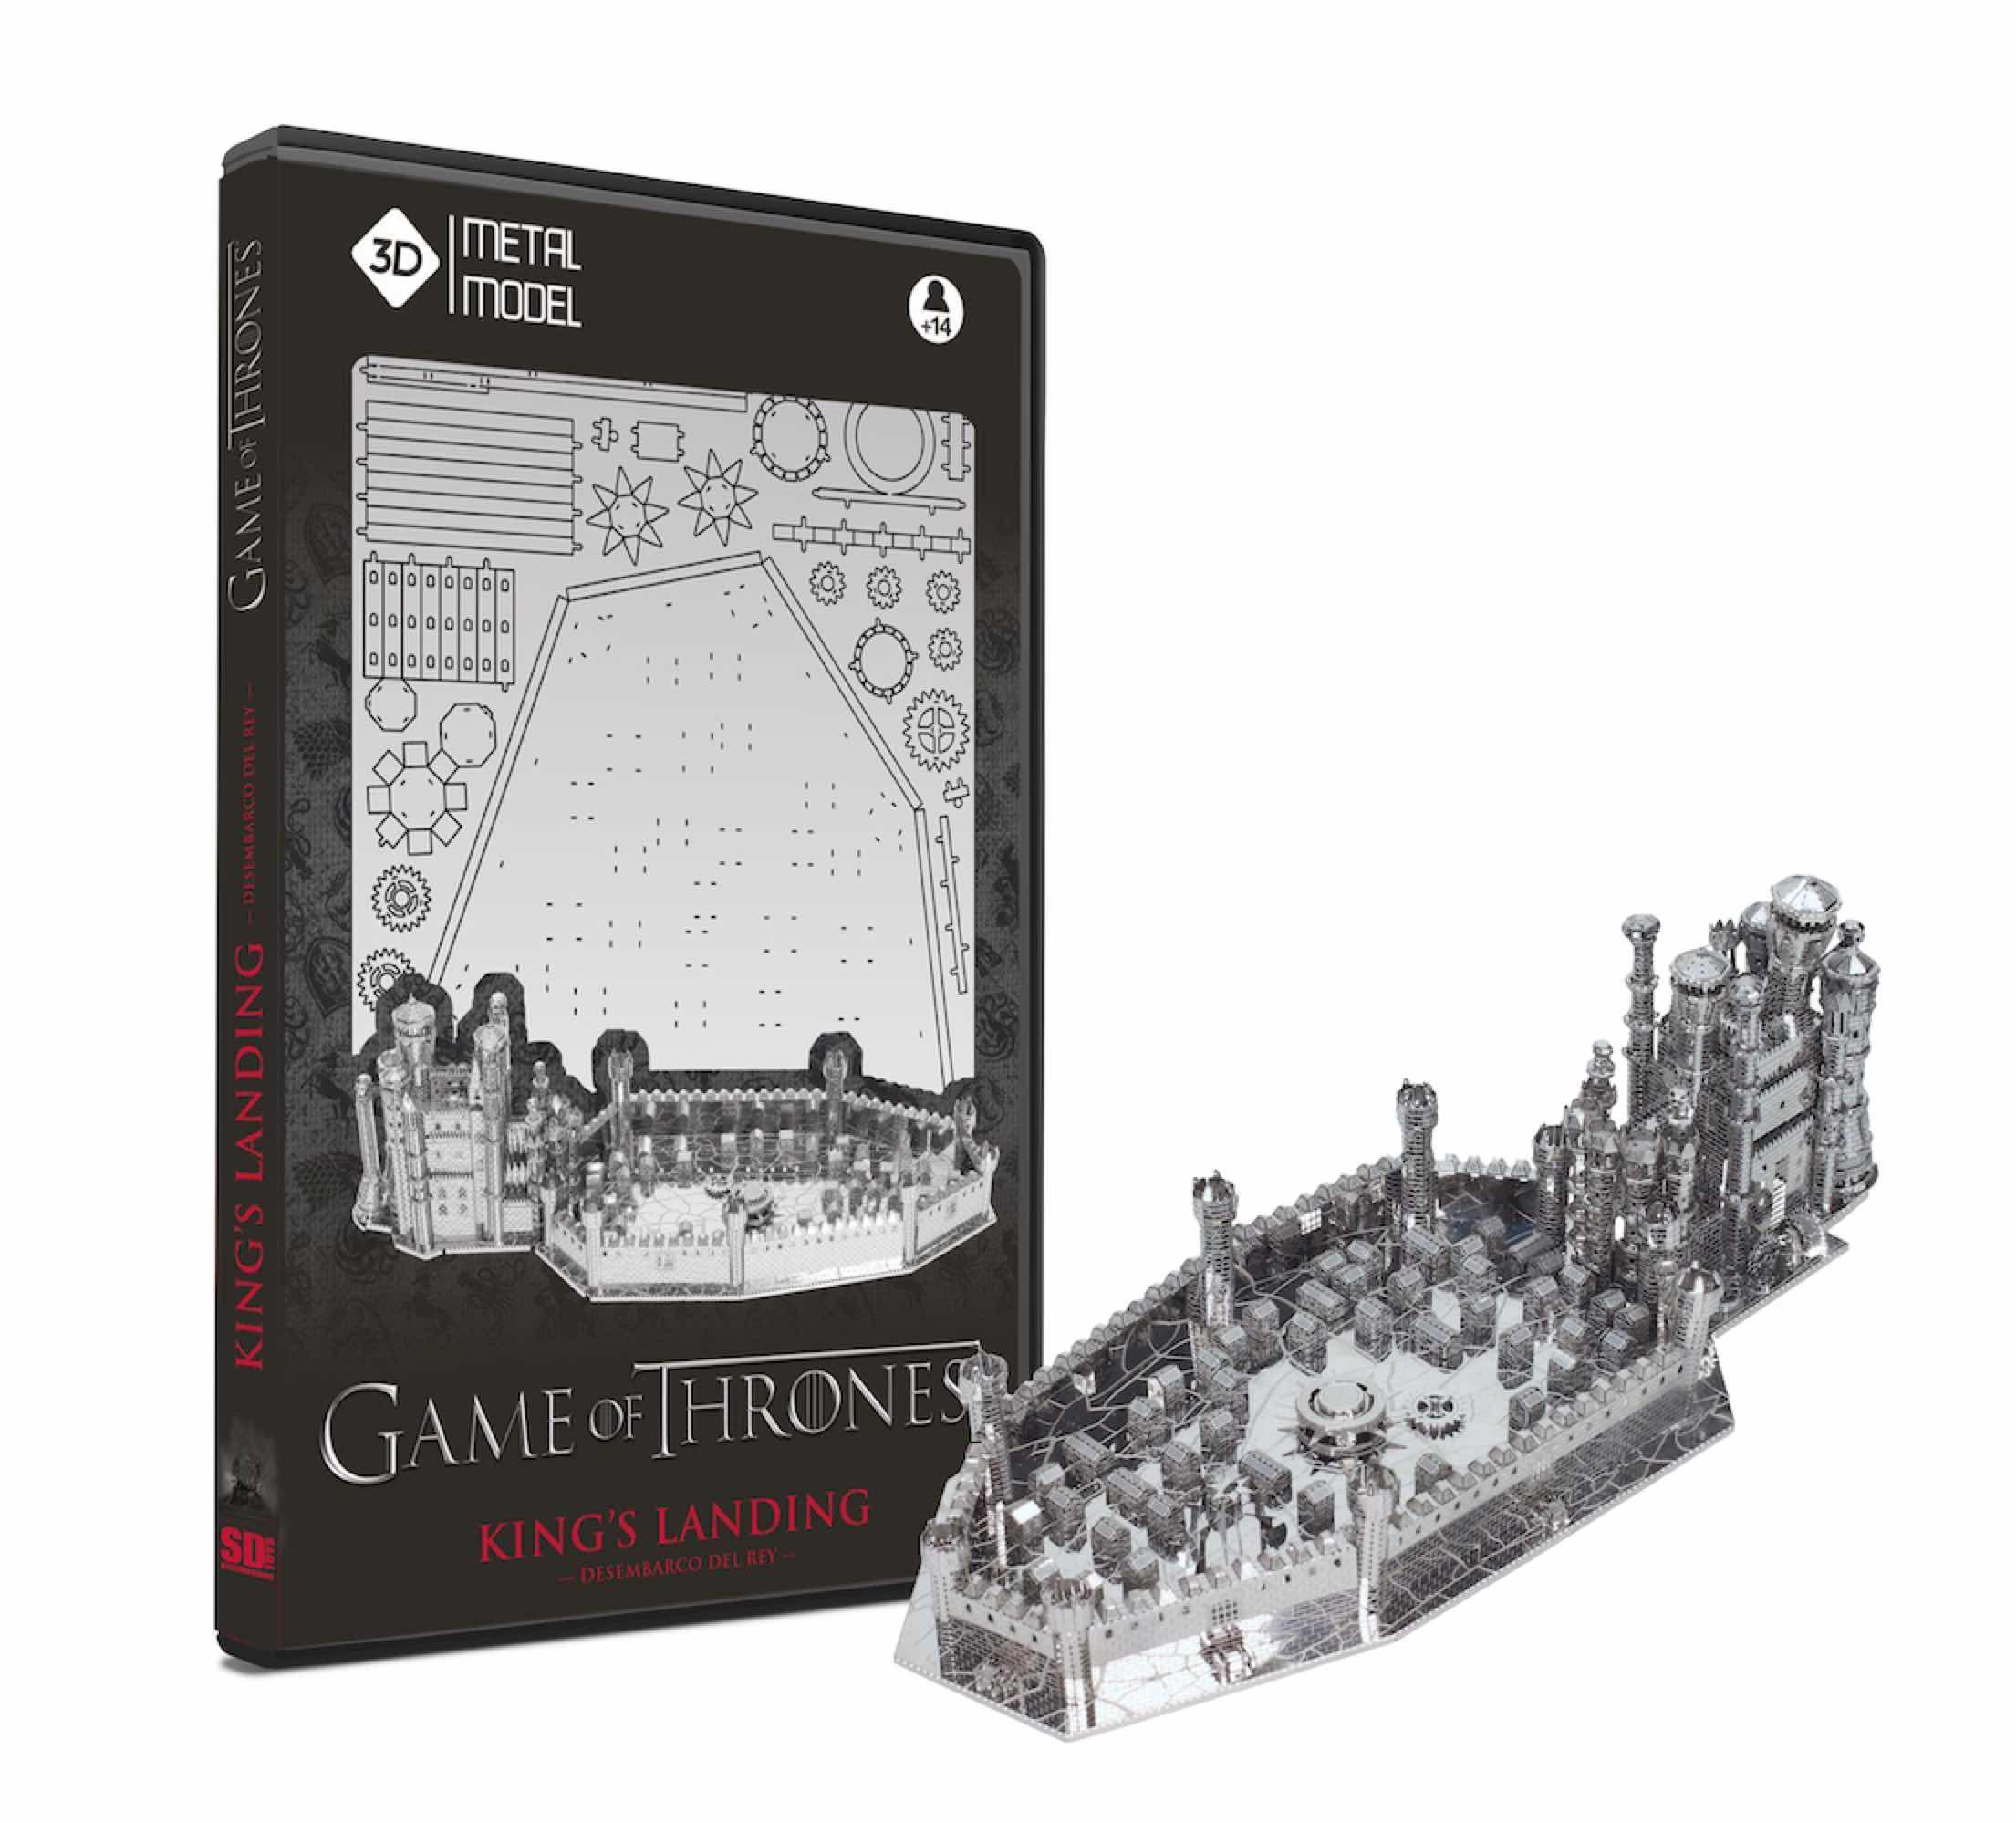 DESEMBARCO DEL REY (KING'S LANDING) METAL MODEL KIT 3D GAME OF THRONES